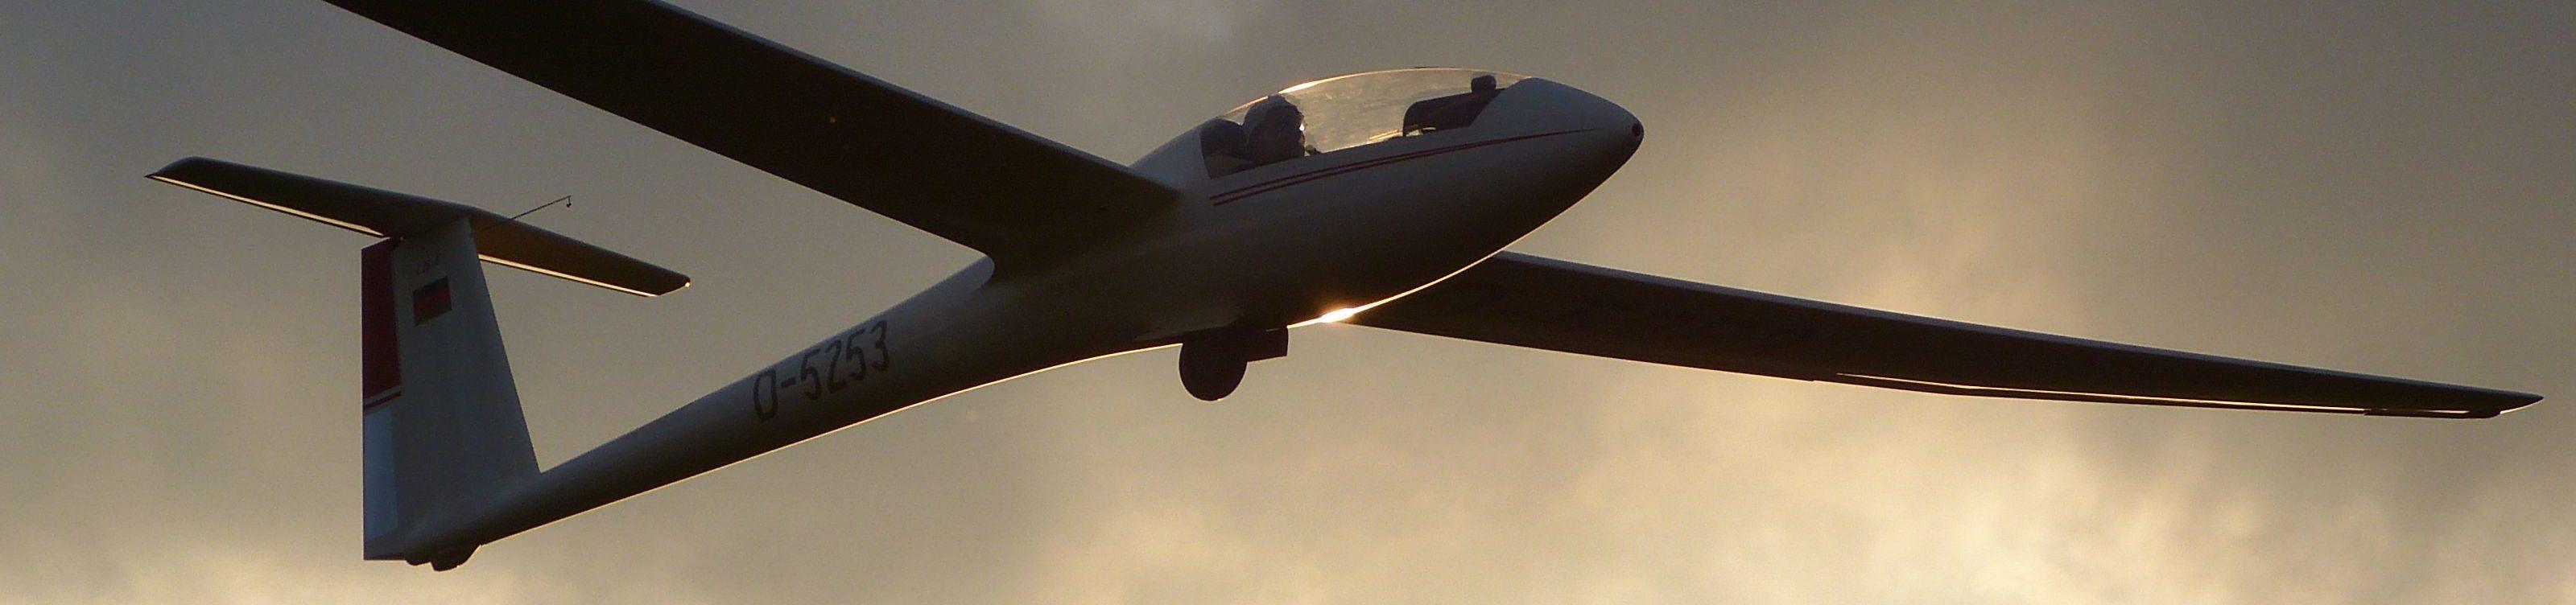 Ein einsitziges Segelflugzeug im Landeanflug